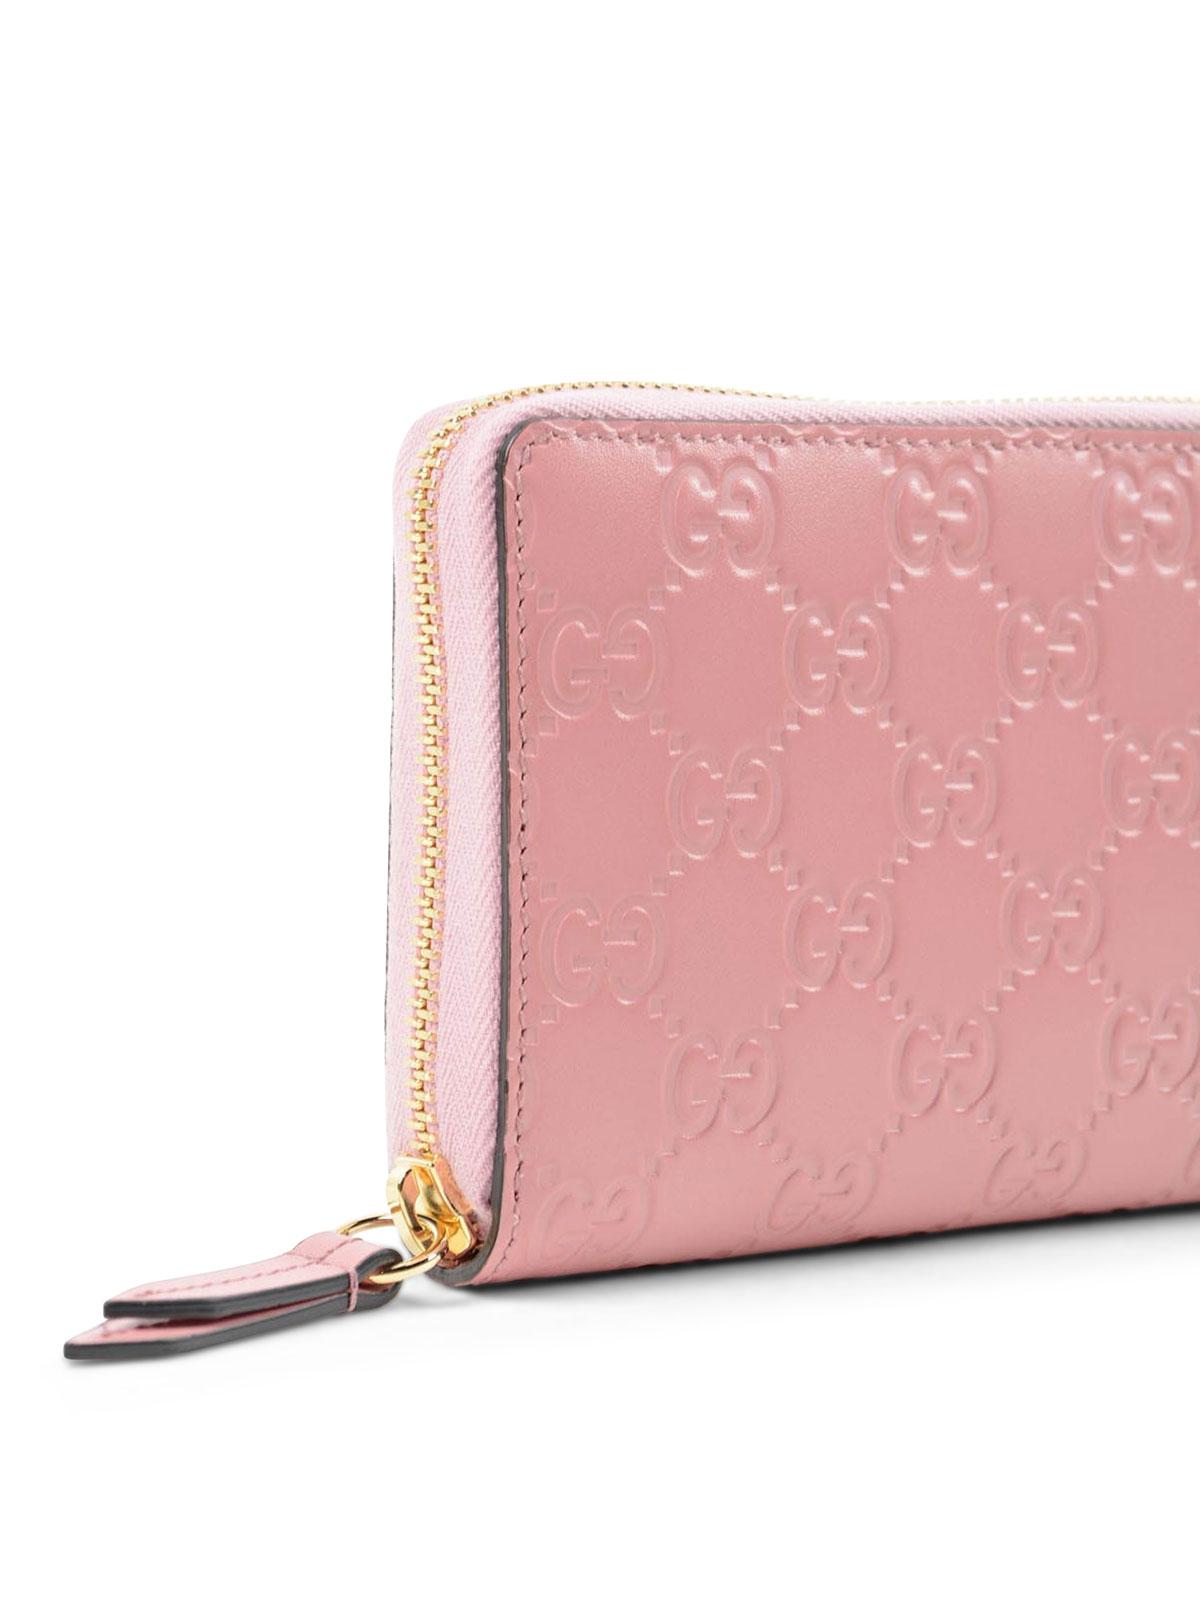 285e4bd9f950d Gucci - Portemonnaie Fur Damen - Pink - Portemonnaies und Geldbörsen ...